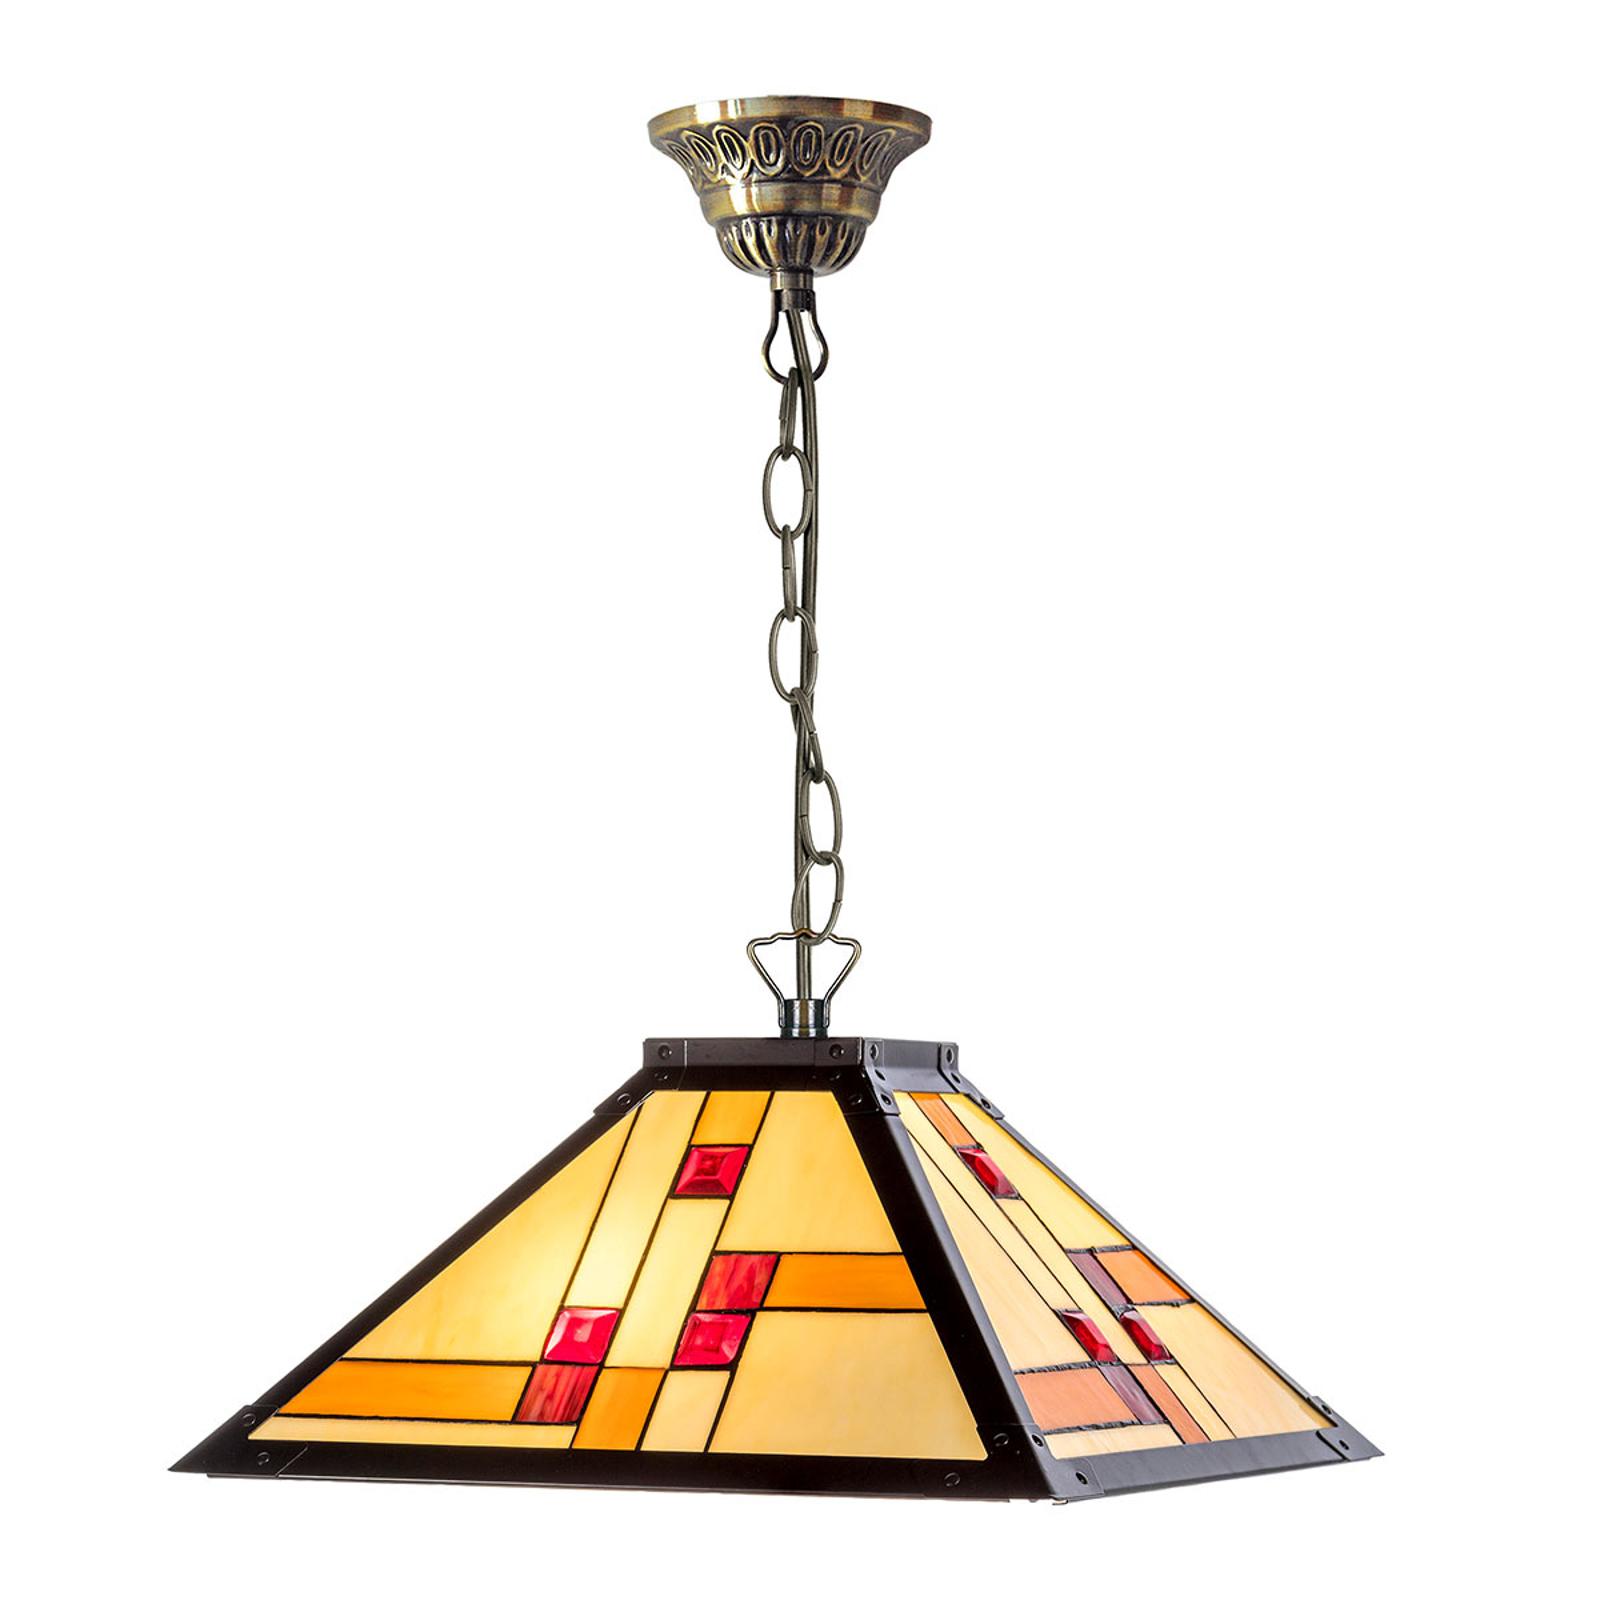 KT1836-40+C2 hængelampe i Tiffany-stil